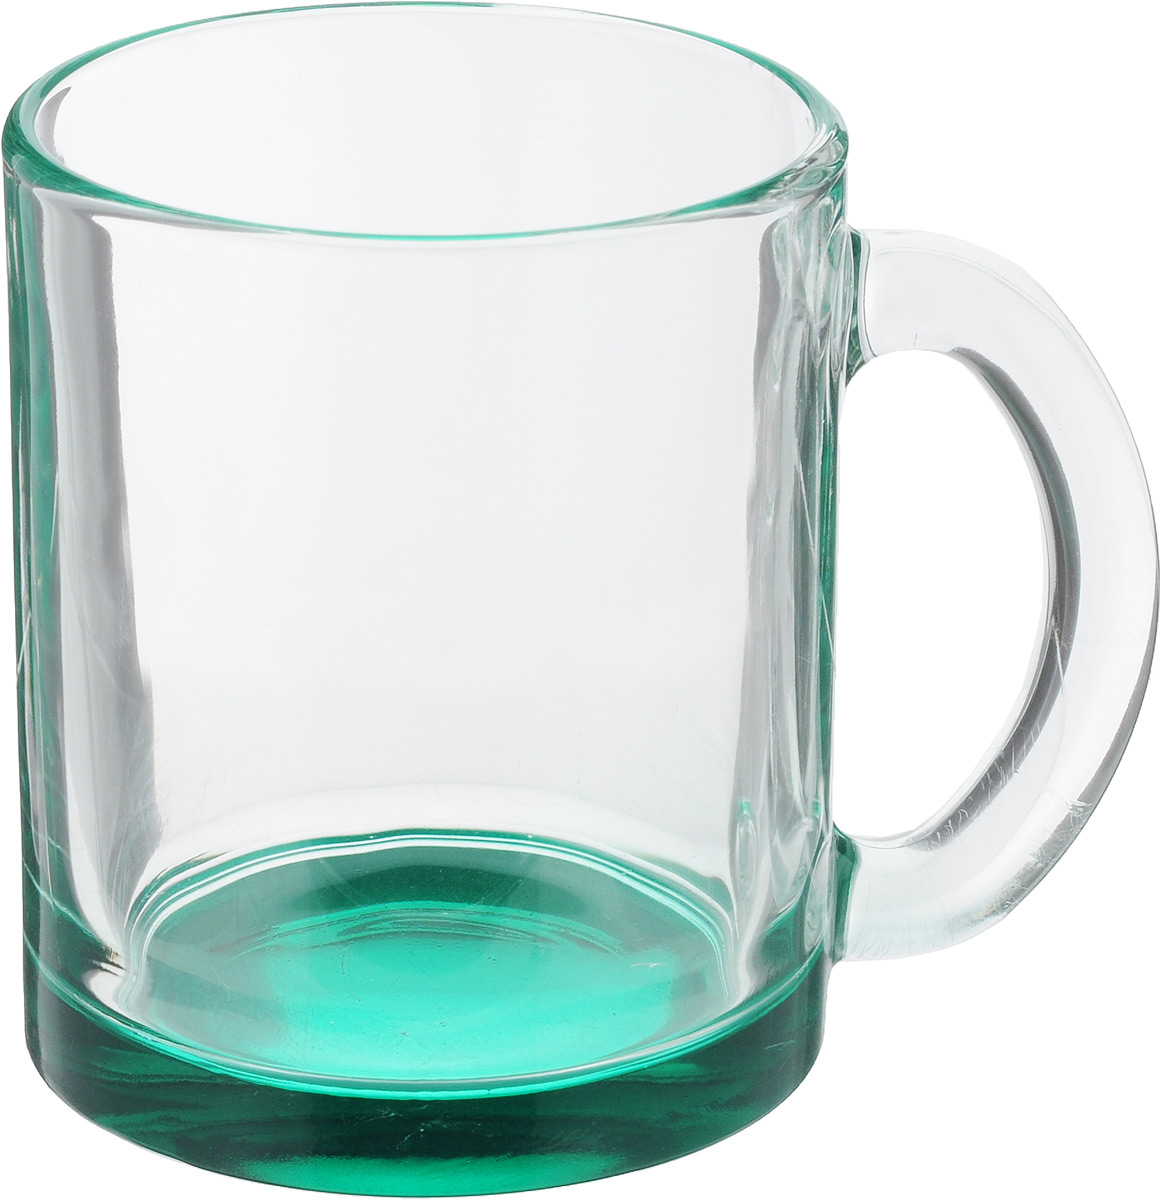 Кружка OSZ Чайная, цвет: прозрачный, бирюзовый, 320 мл04C1208LM_прозрачный, бирюзовыйКружка OSZ Чайная изготовлена из стекла двух цветов. Изделие идеально подходит длясервировки стола.Кружка не только украсит ваш кухонный стол, но и подчеркнет прекрасныйвкус хозяйки. Диаметр кружки (по верхнему краю): 8 см. Высота кружки: 9,5 см.Объем кружки: 320 мл.